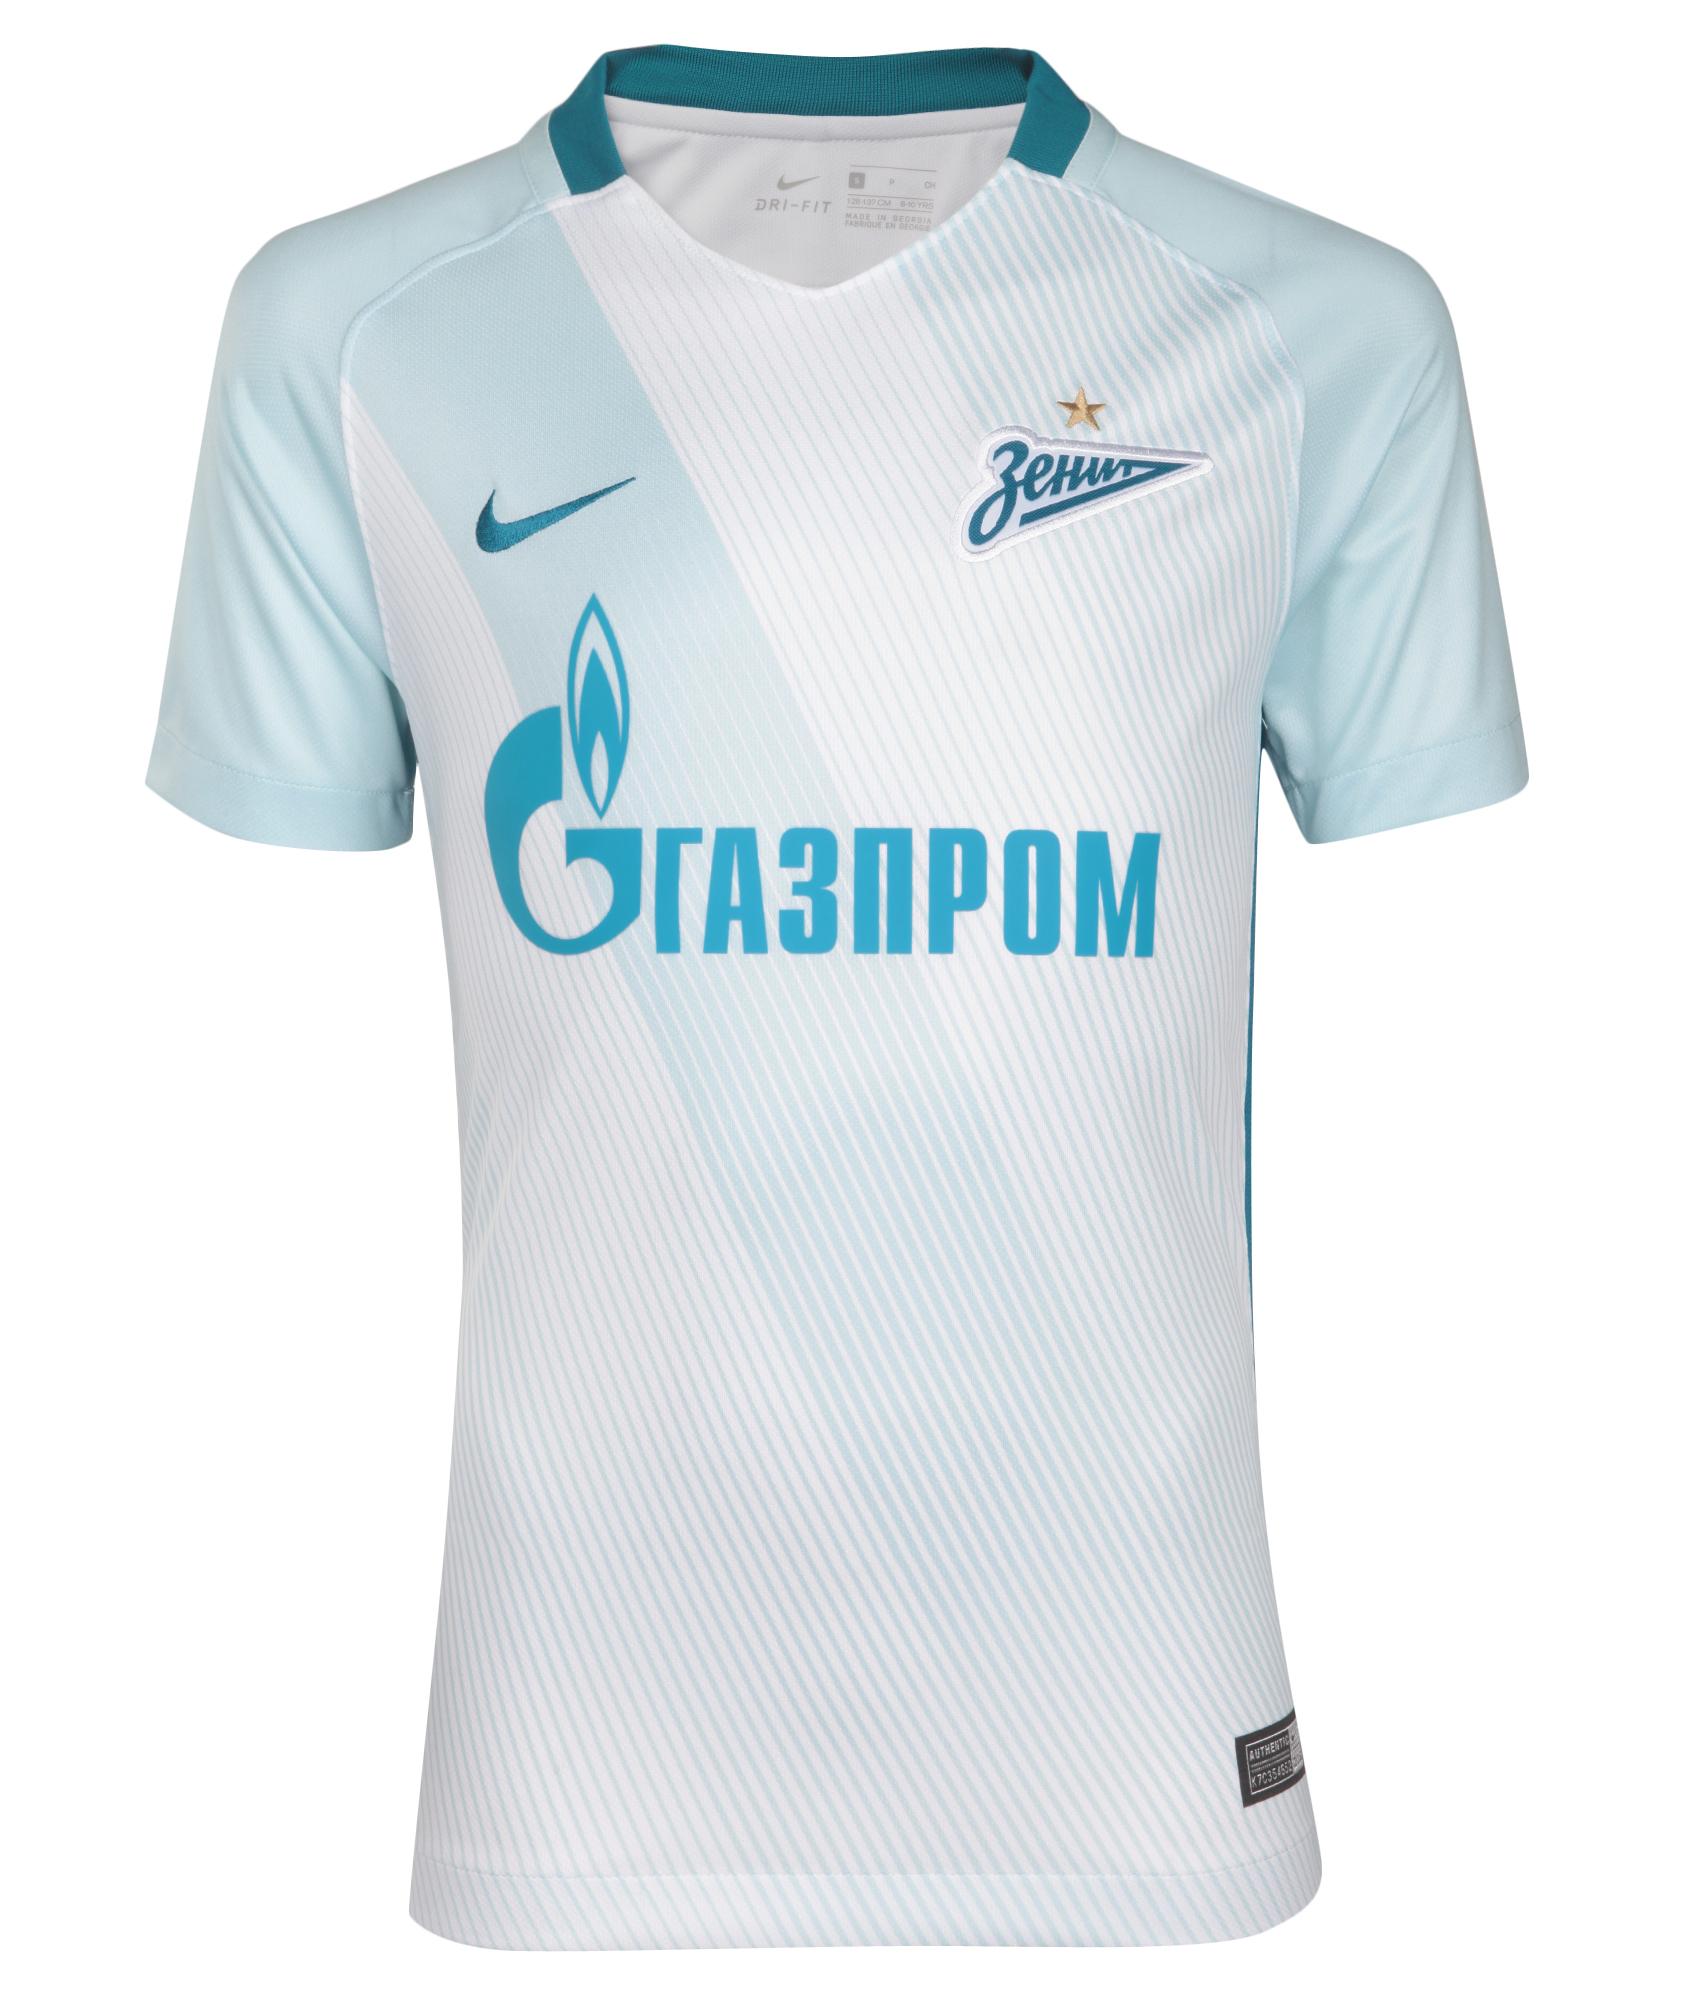 Подростковая выездная футболка, Цвет-Белый, Размер-L игровая выездная футболка цвет белый размер l